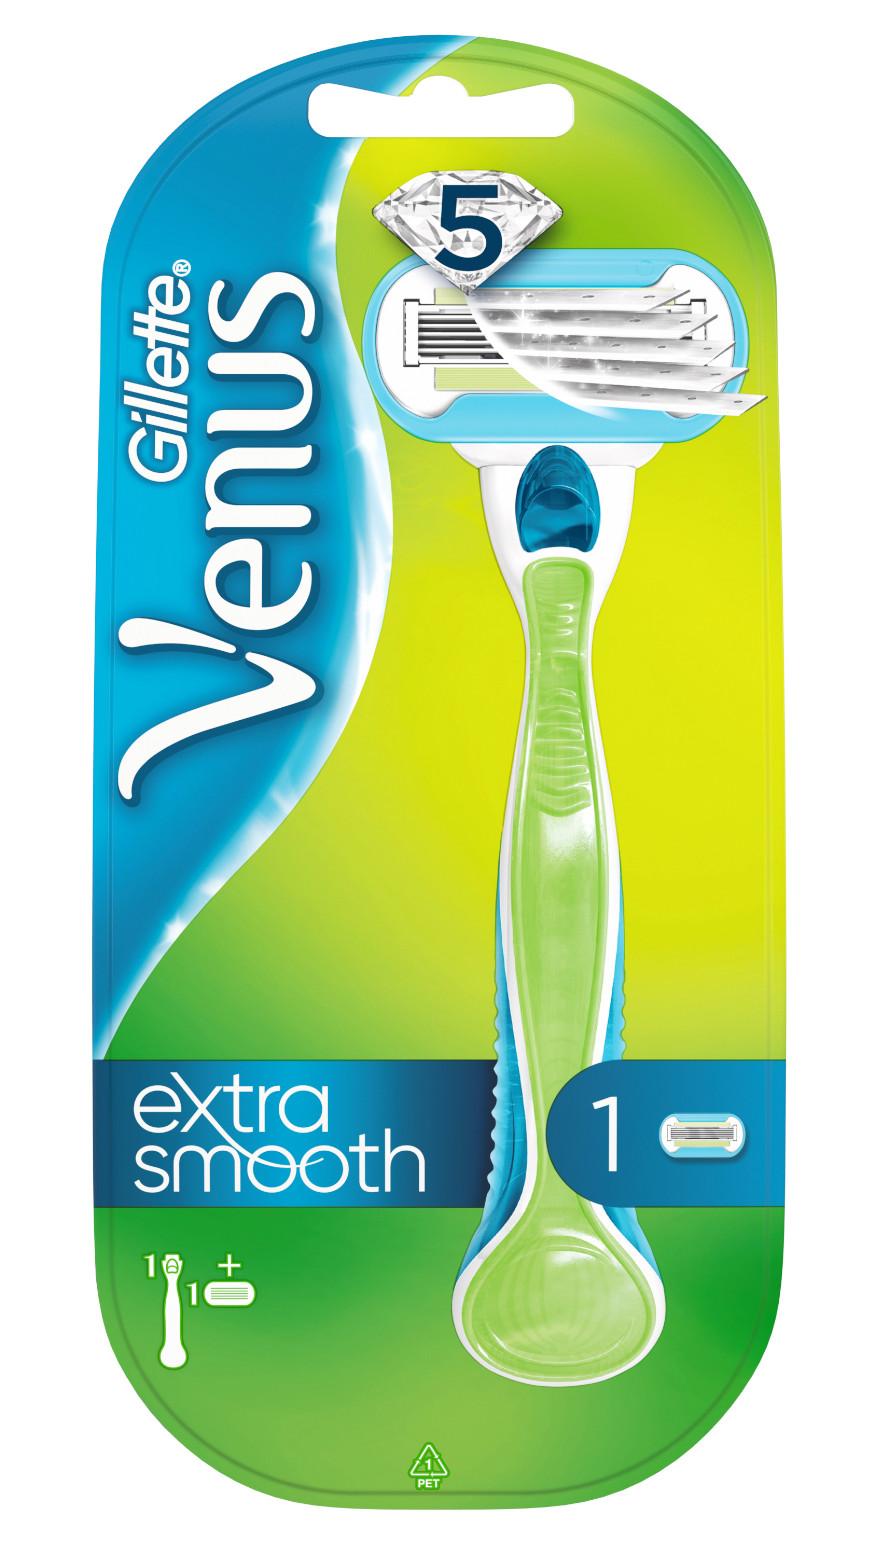 Venus Embrace Extra smooth Strojček + 1 náhradná hlavica